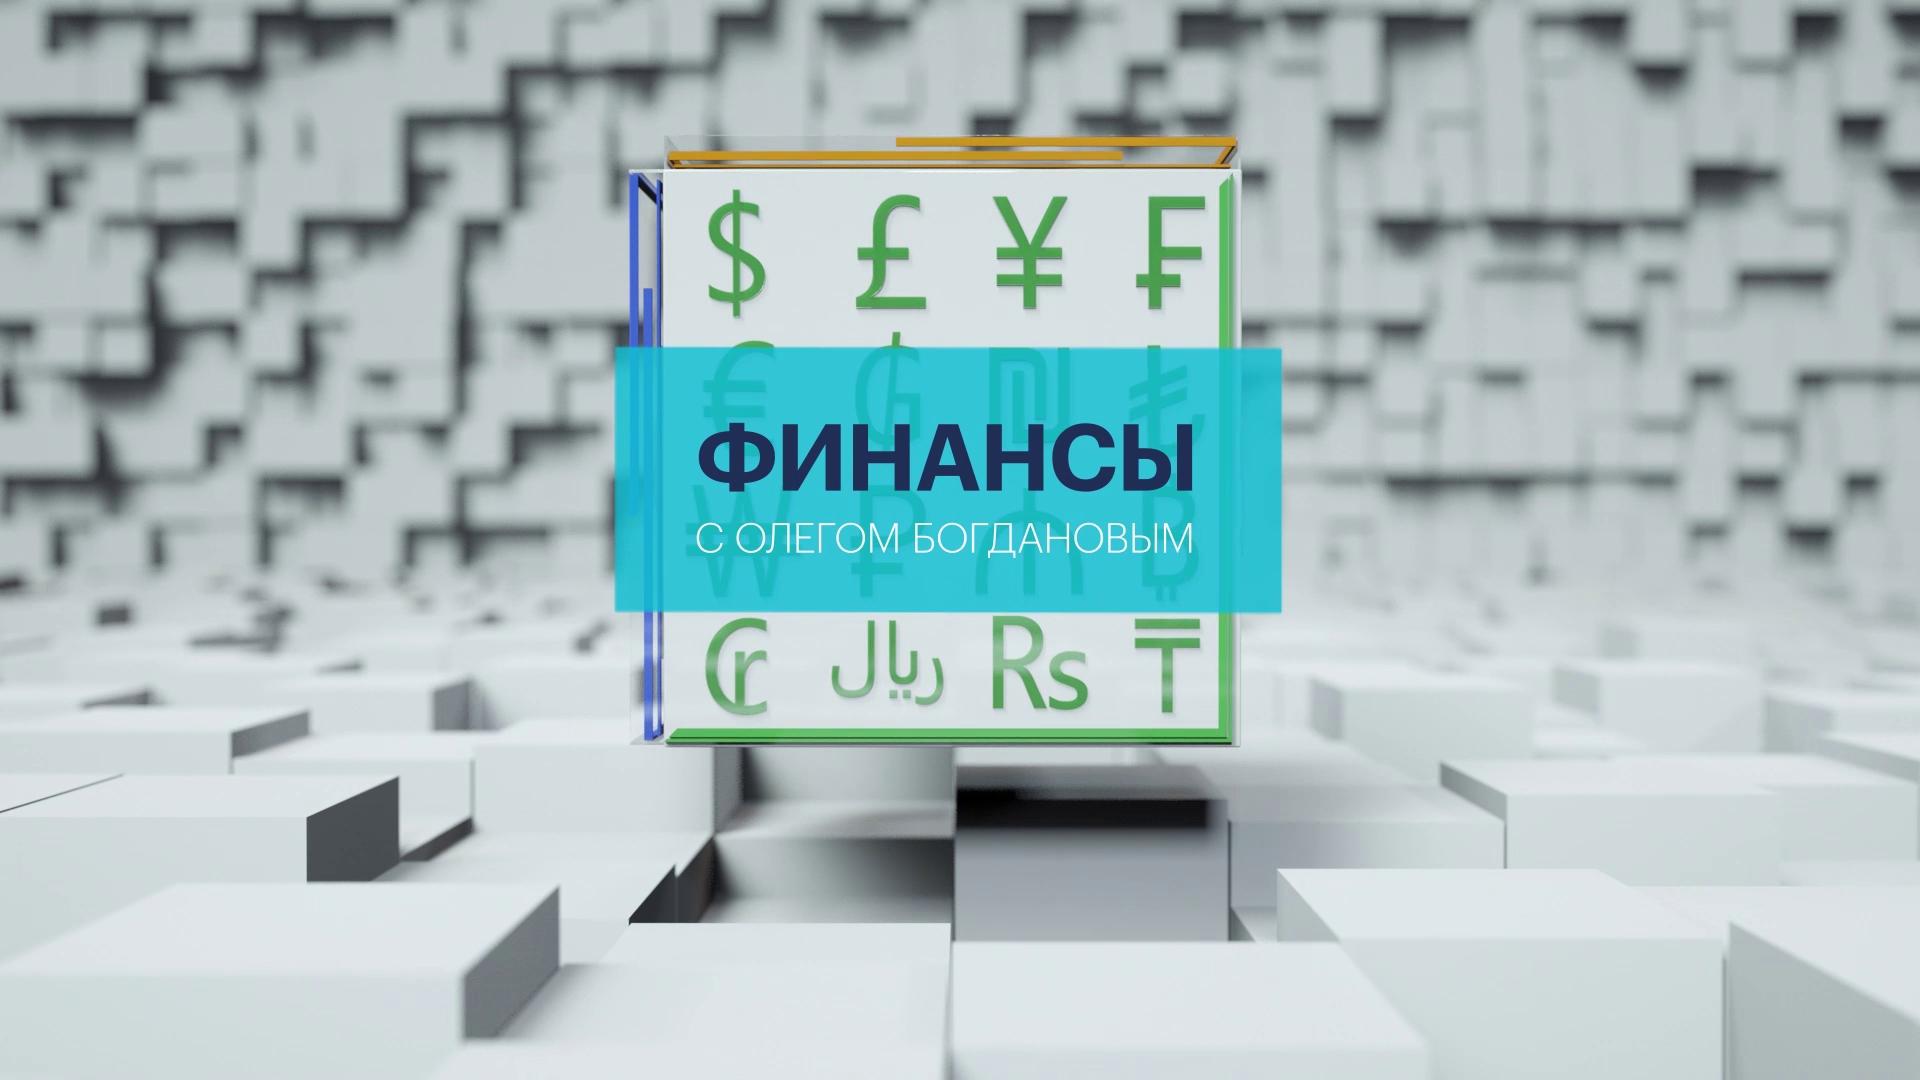 Programme: РБК+ / Финансы